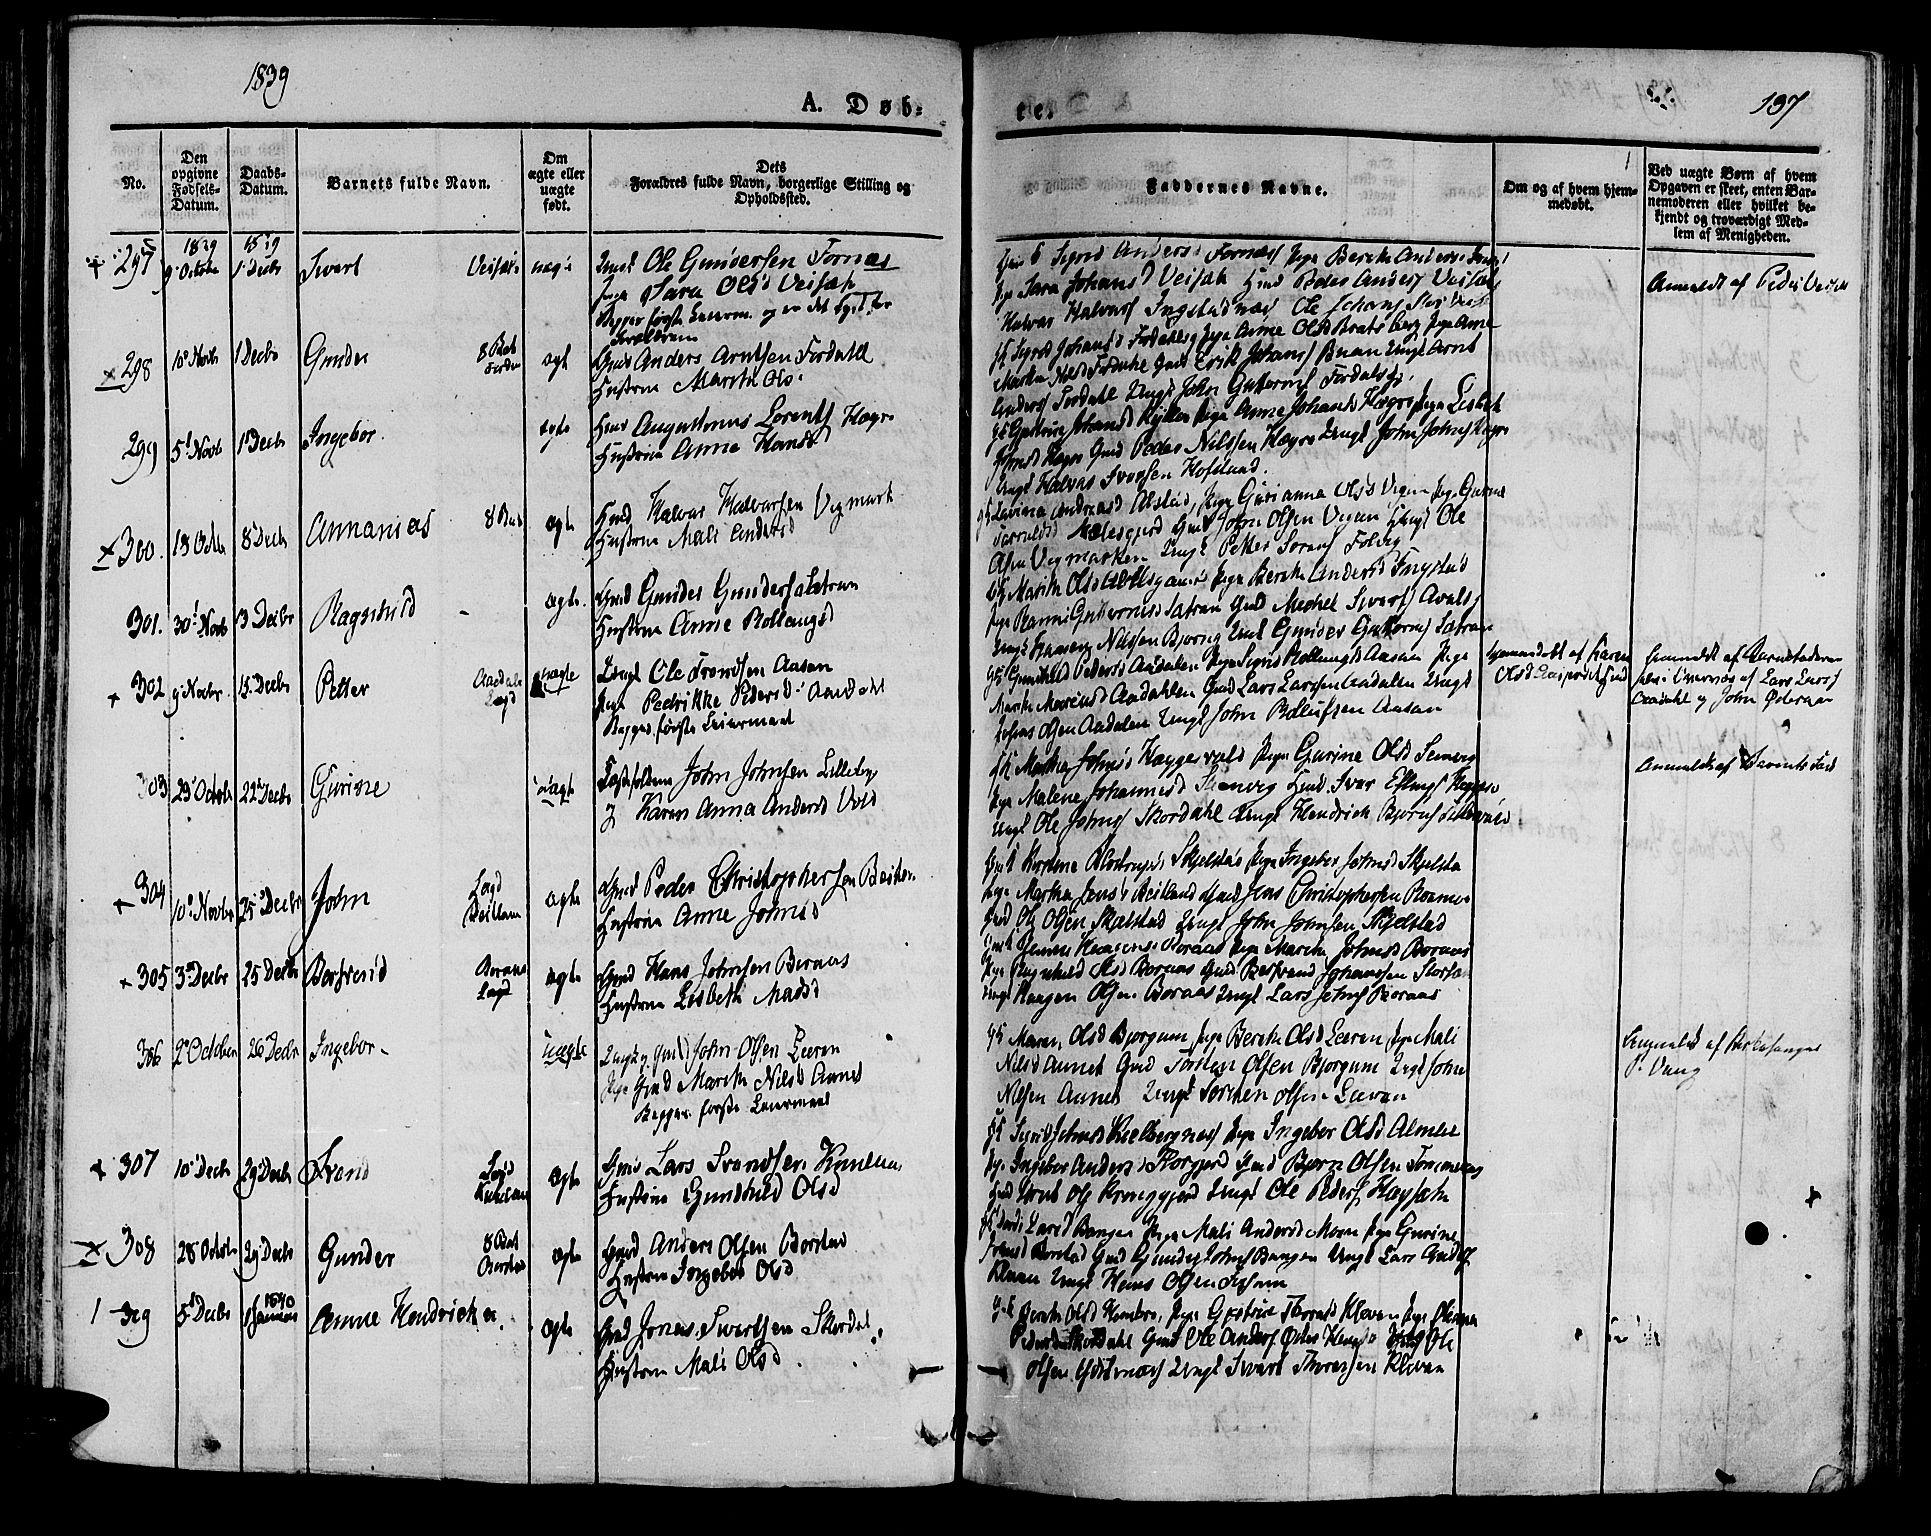 SAT, Ministerialprotokoller, klokkerbøker og fødselsregistre - Nord-Trøndelag, 709/L0071: Ministerialbok nr. 709A11, 1833-1844, s. 137